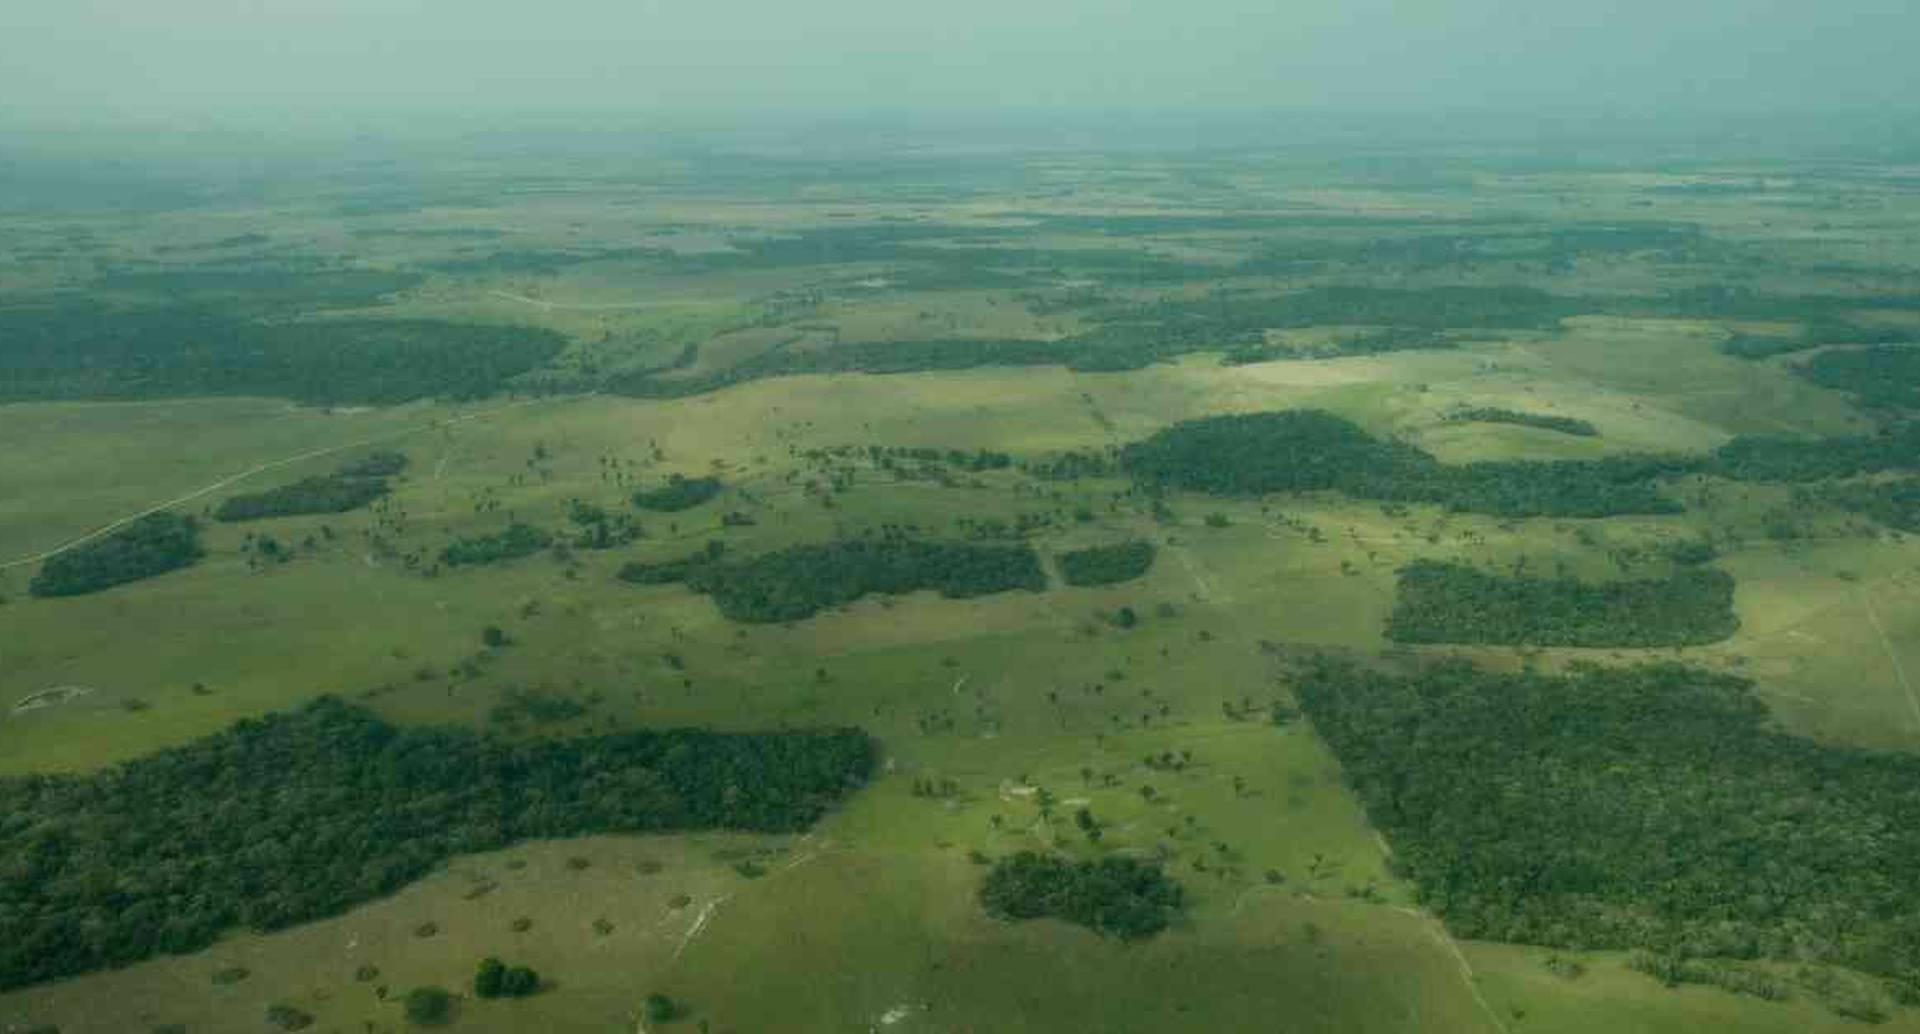 Por primera vez la discusión de la deforestación se centra en las cadenas productivas. Foto: Alvaro Cardona/Semana